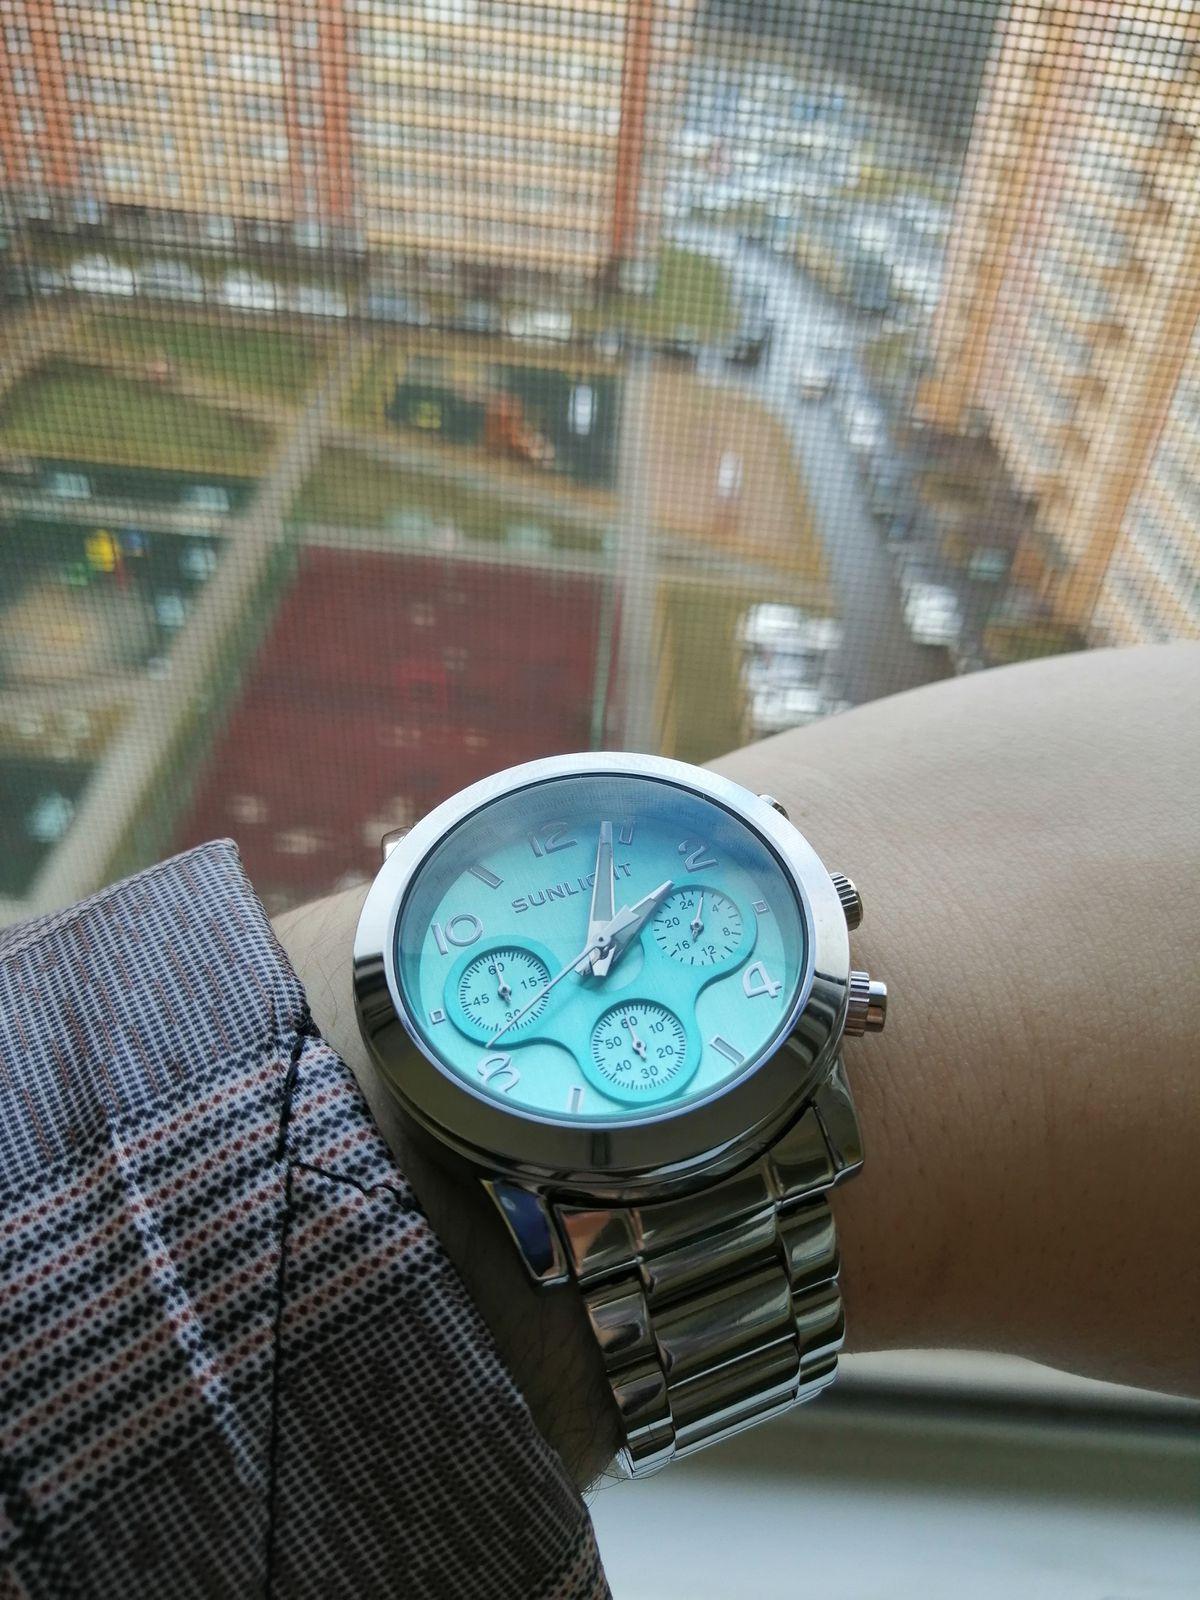 Часы великолепно смотрятся на руке☺️